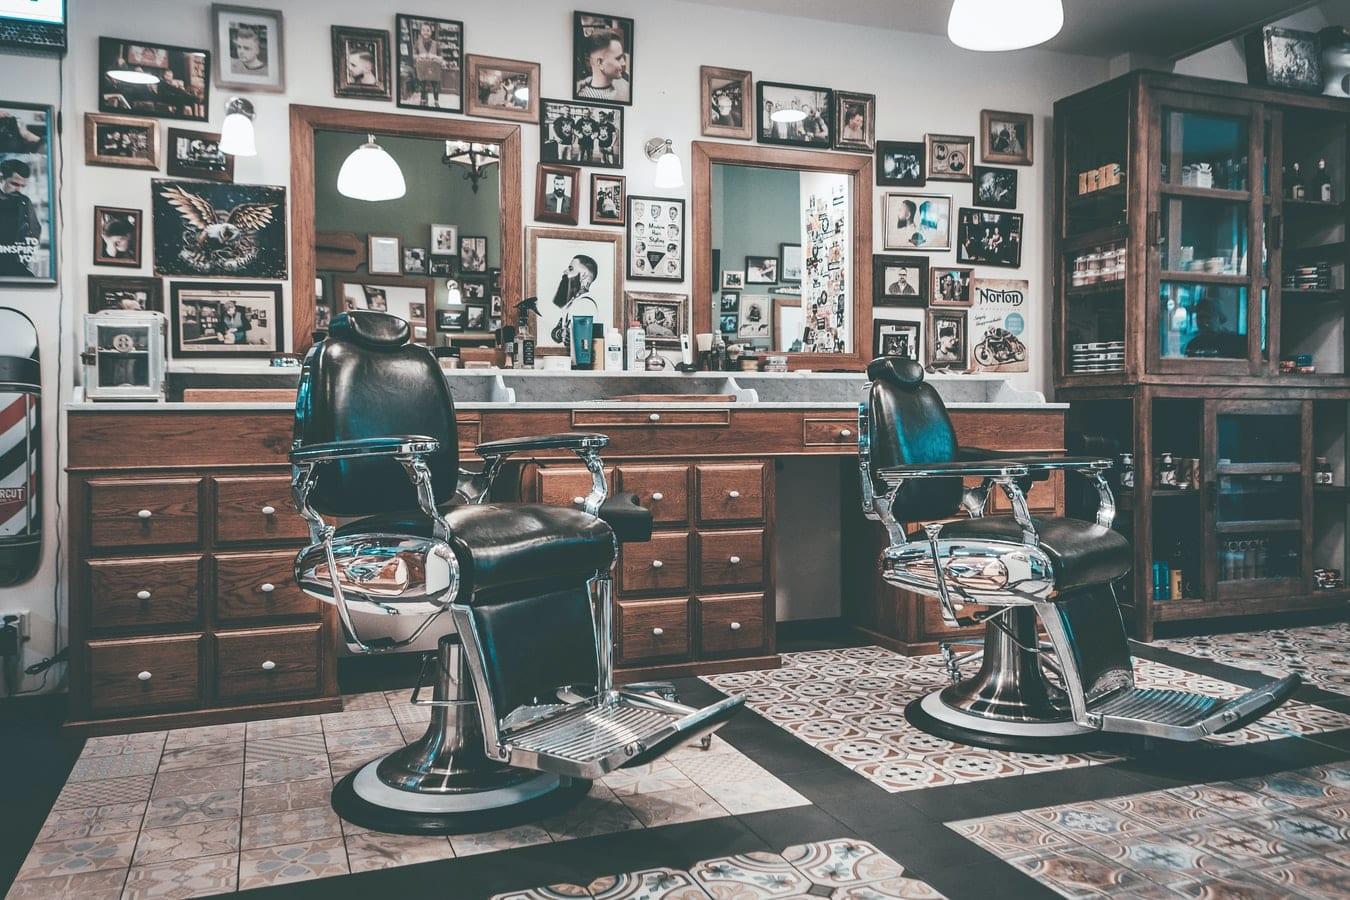 Alwin-Kroon-Barber-shop